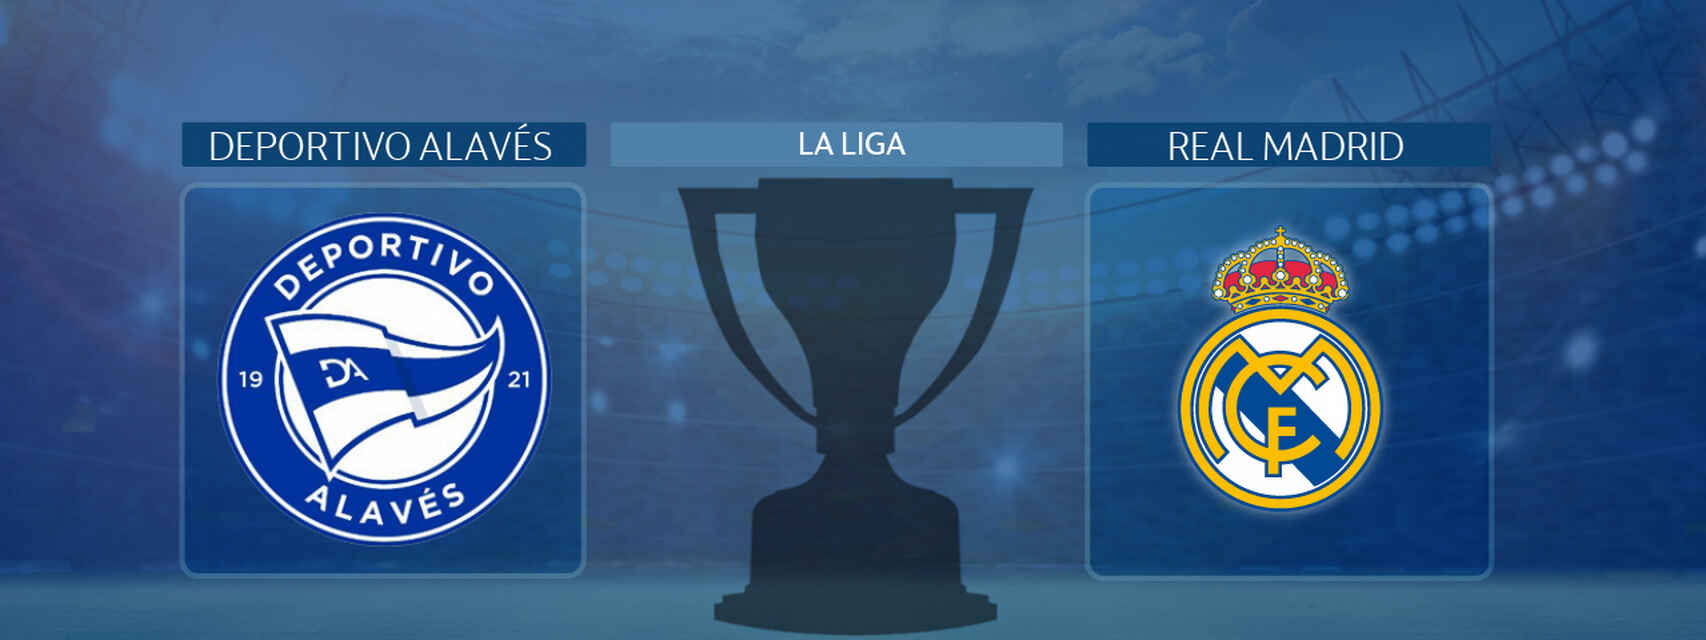 Deportivo Alavés - Real Madrid, partido de La Liga